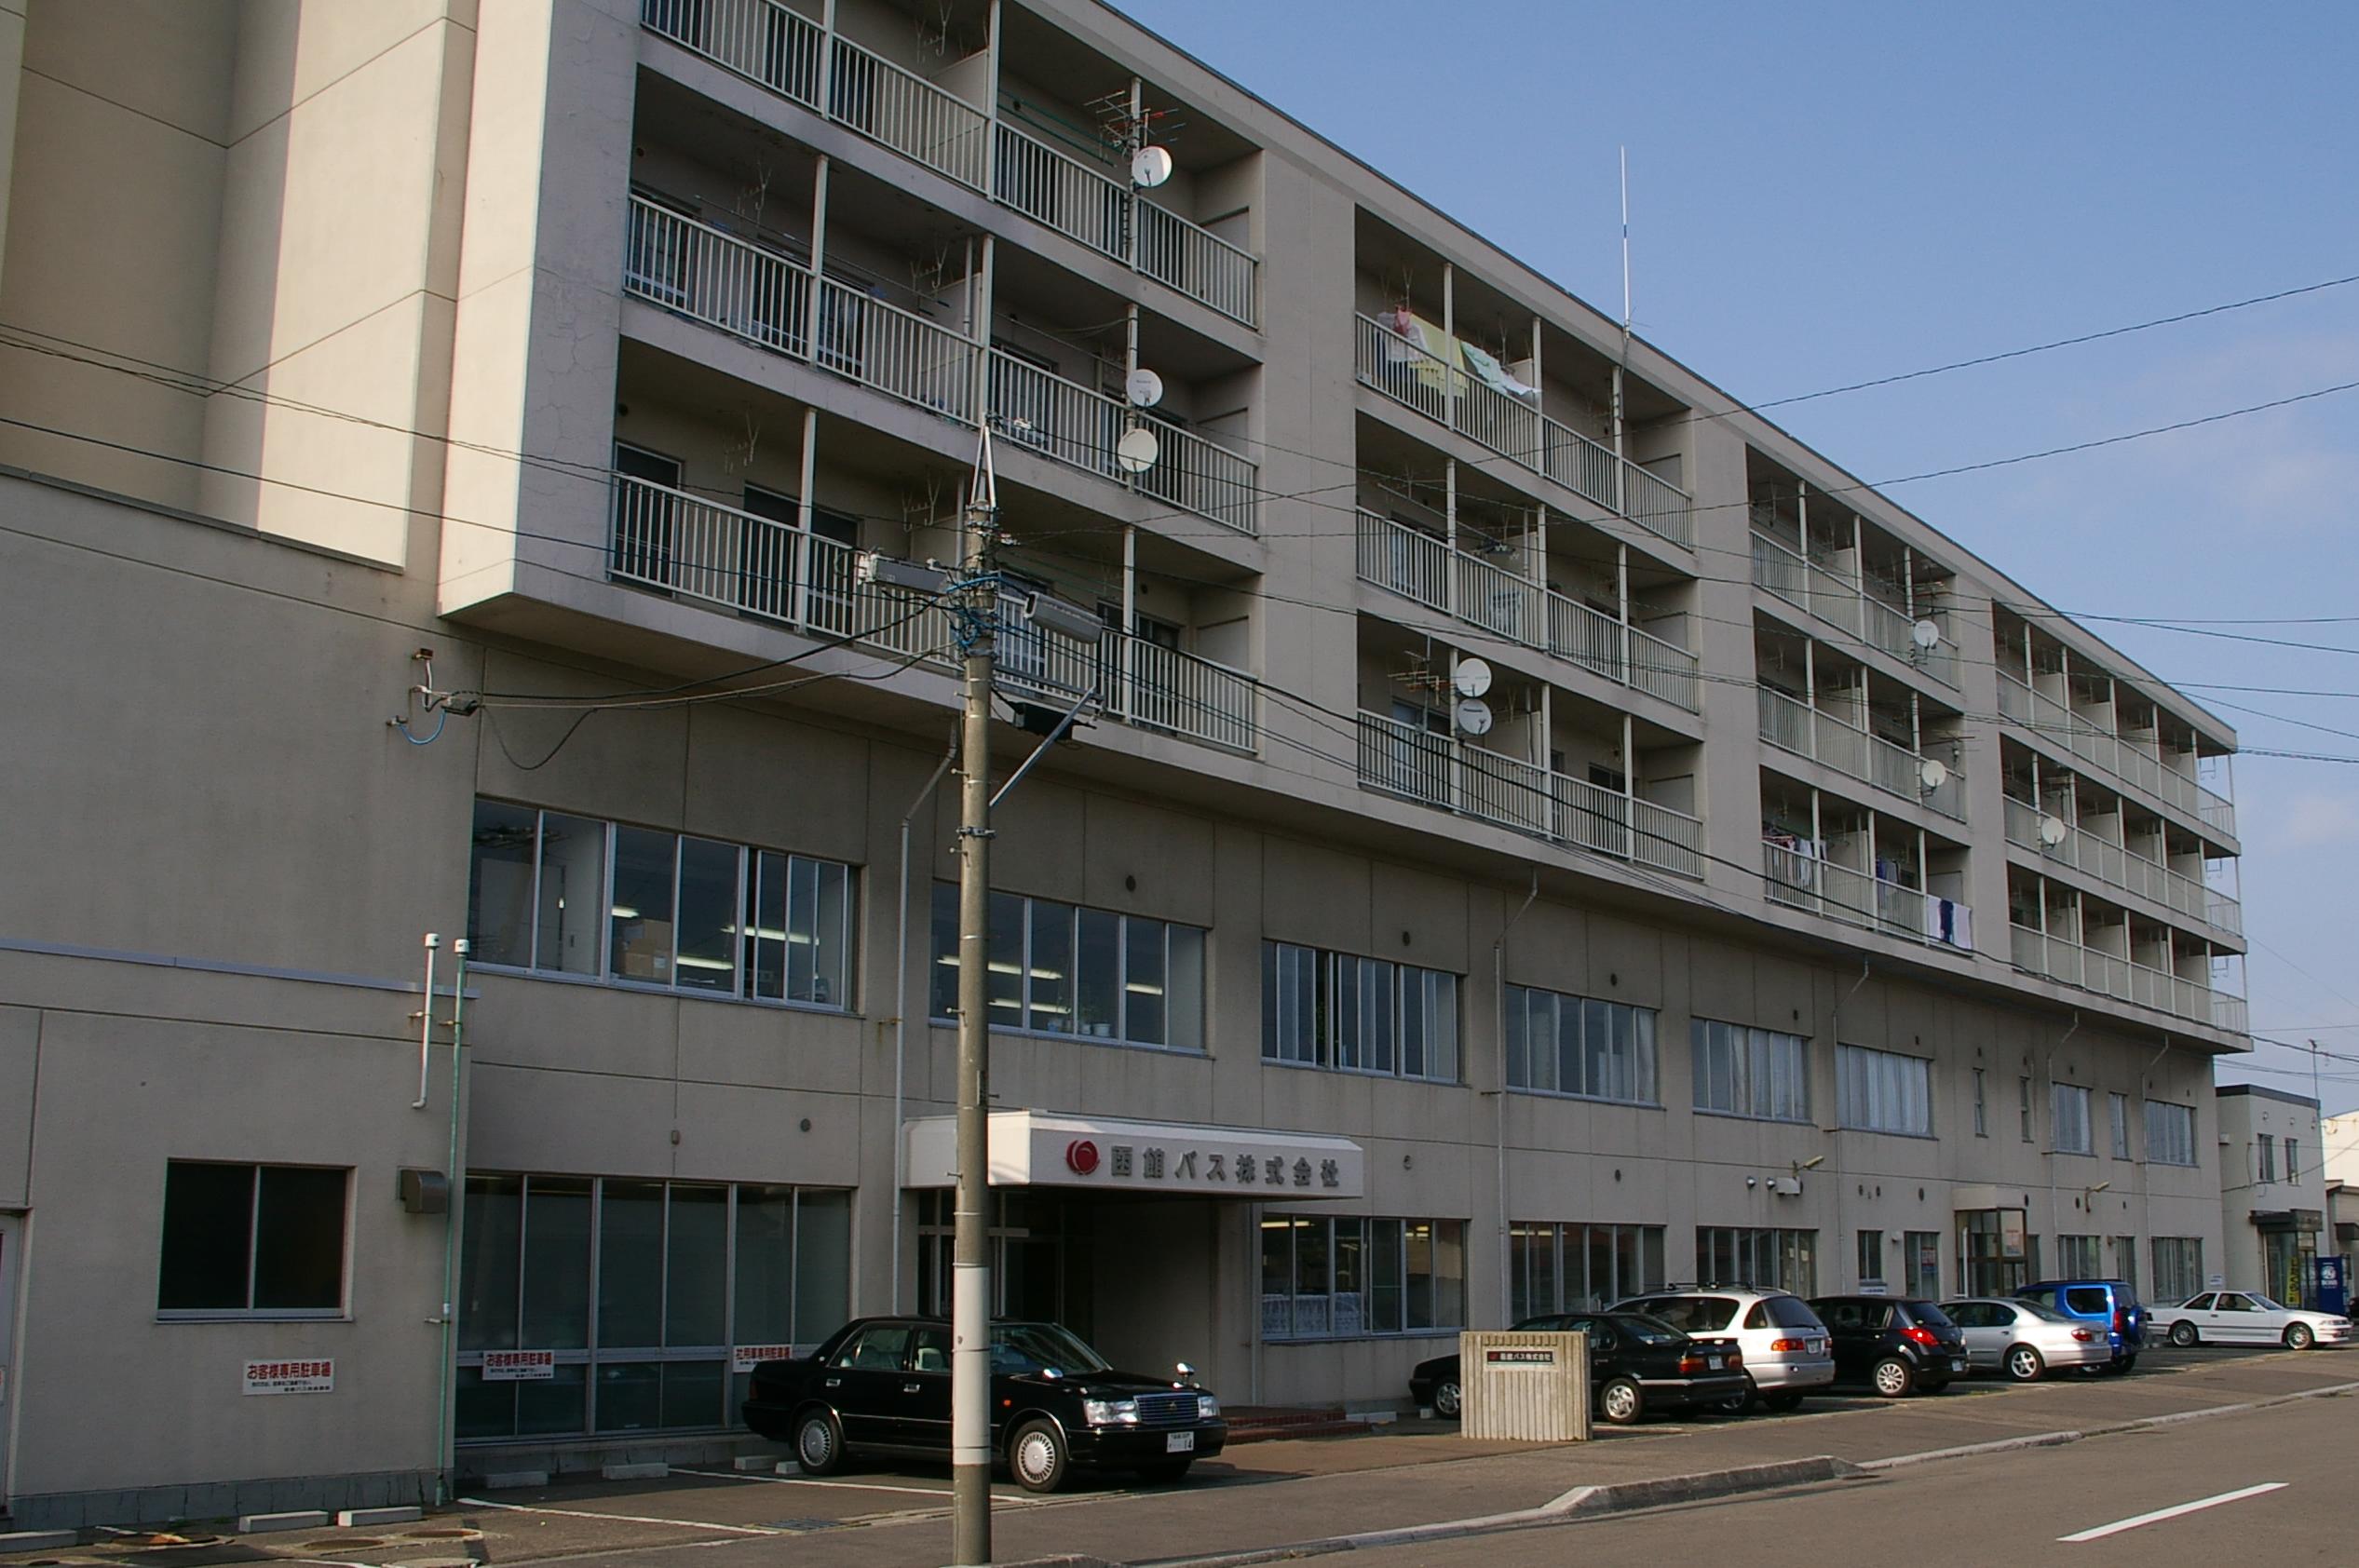 バスロケ 函館 函館バス株式会社【時刻表やバス停地図検索】